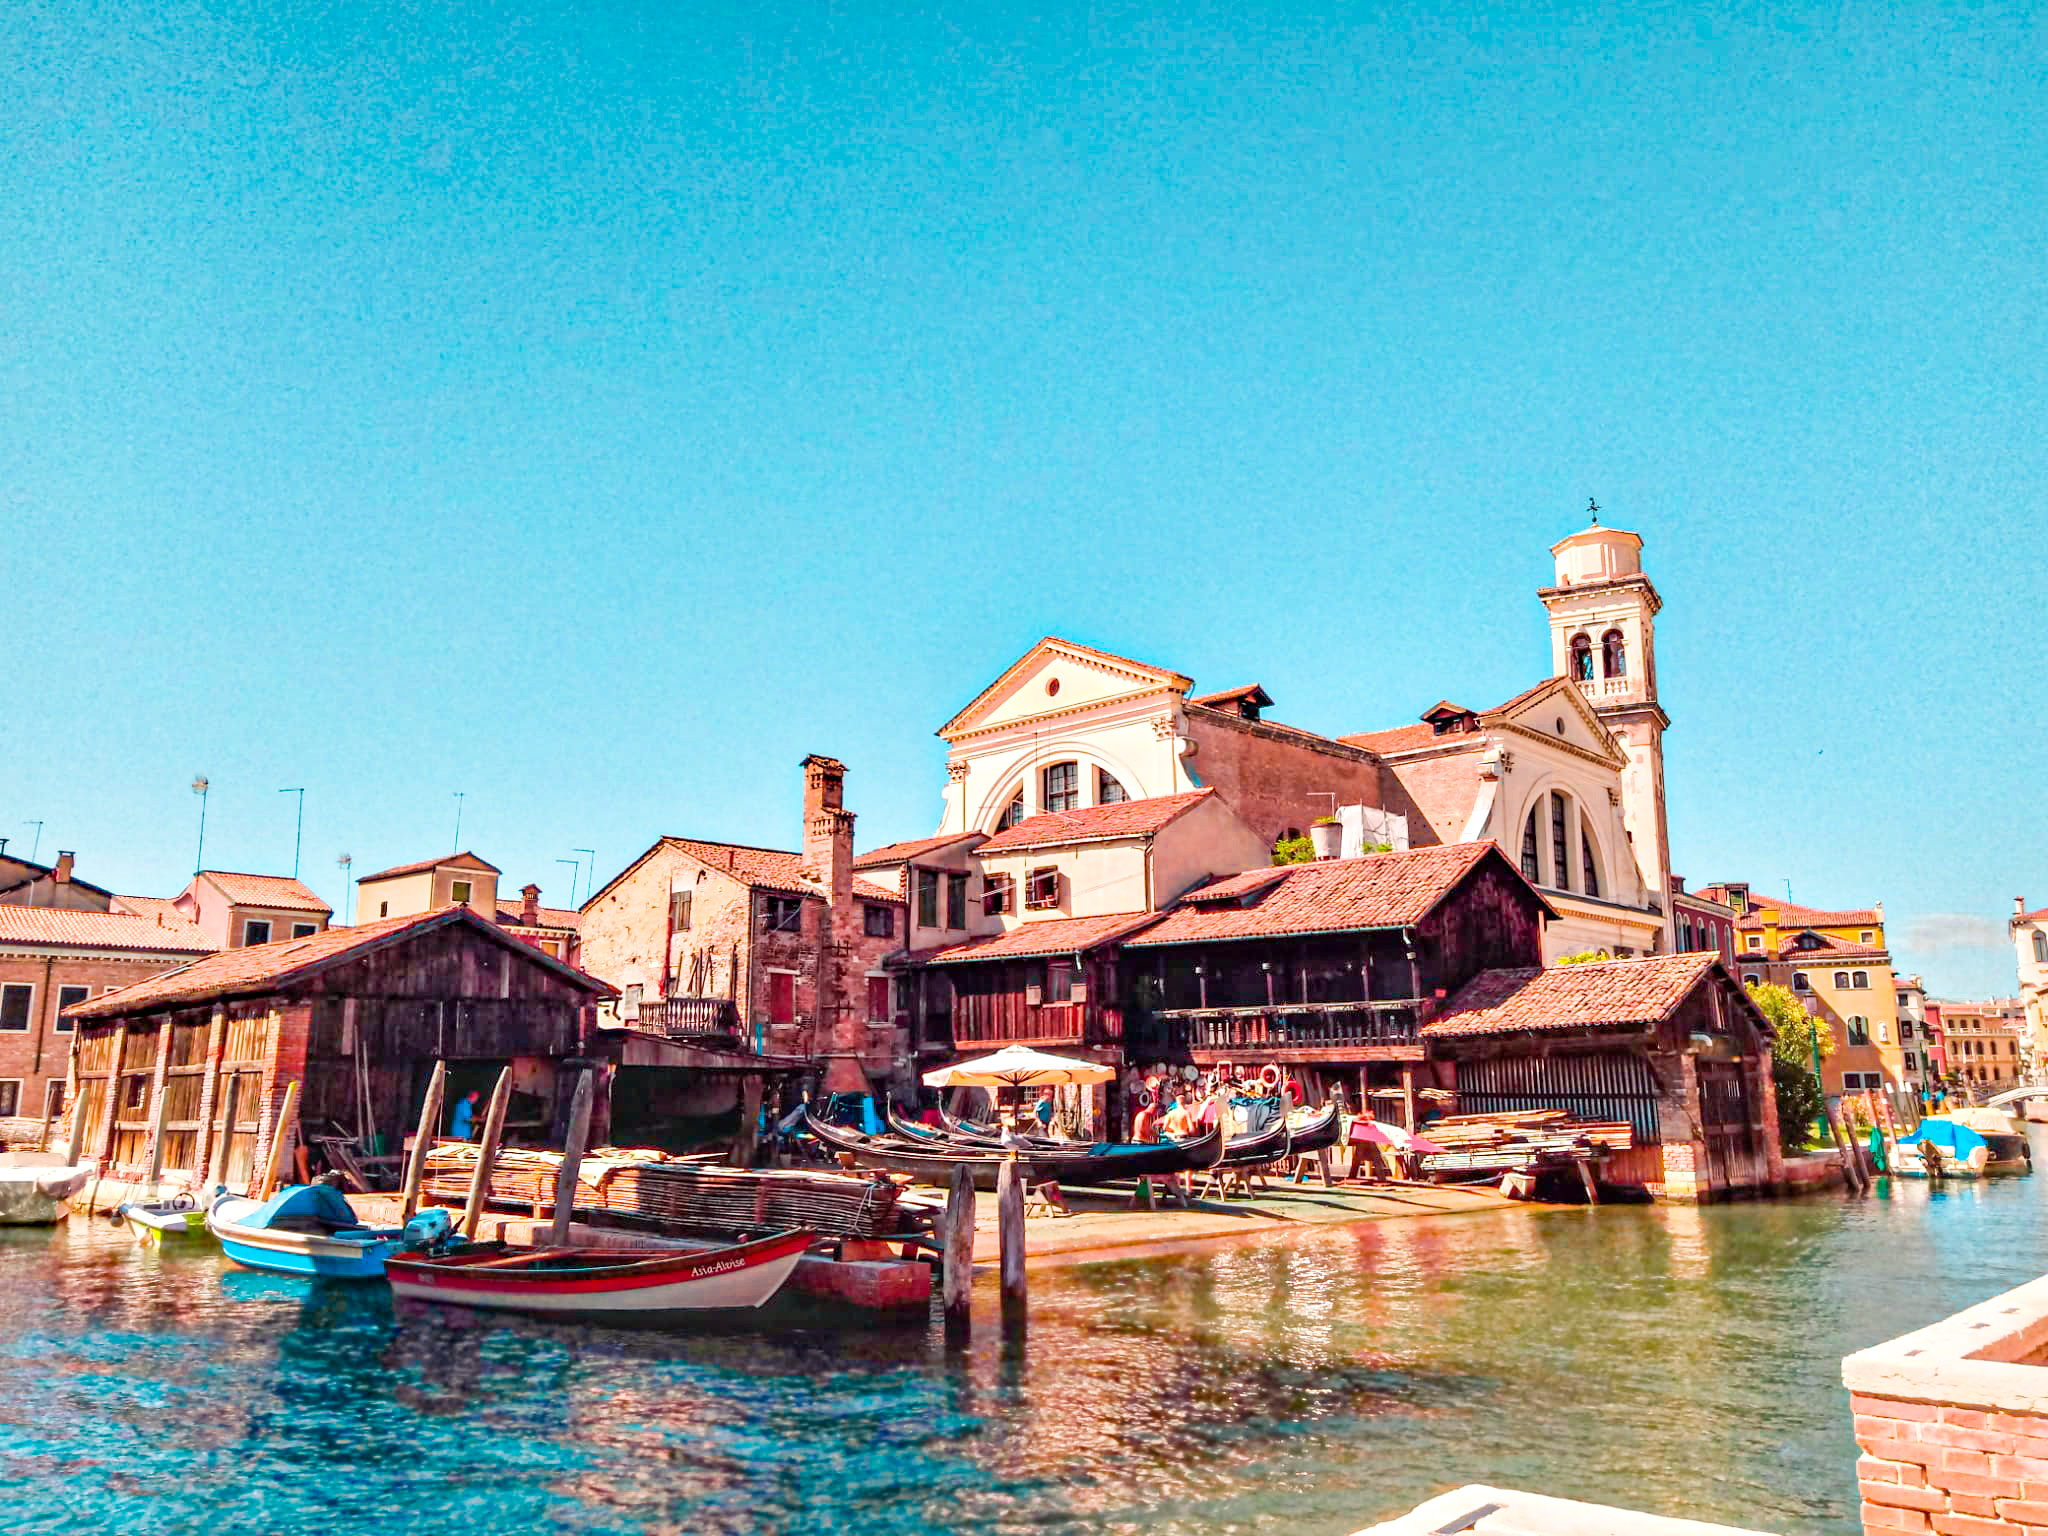 cosas que ver y hacer en venecia: taller de góndolas